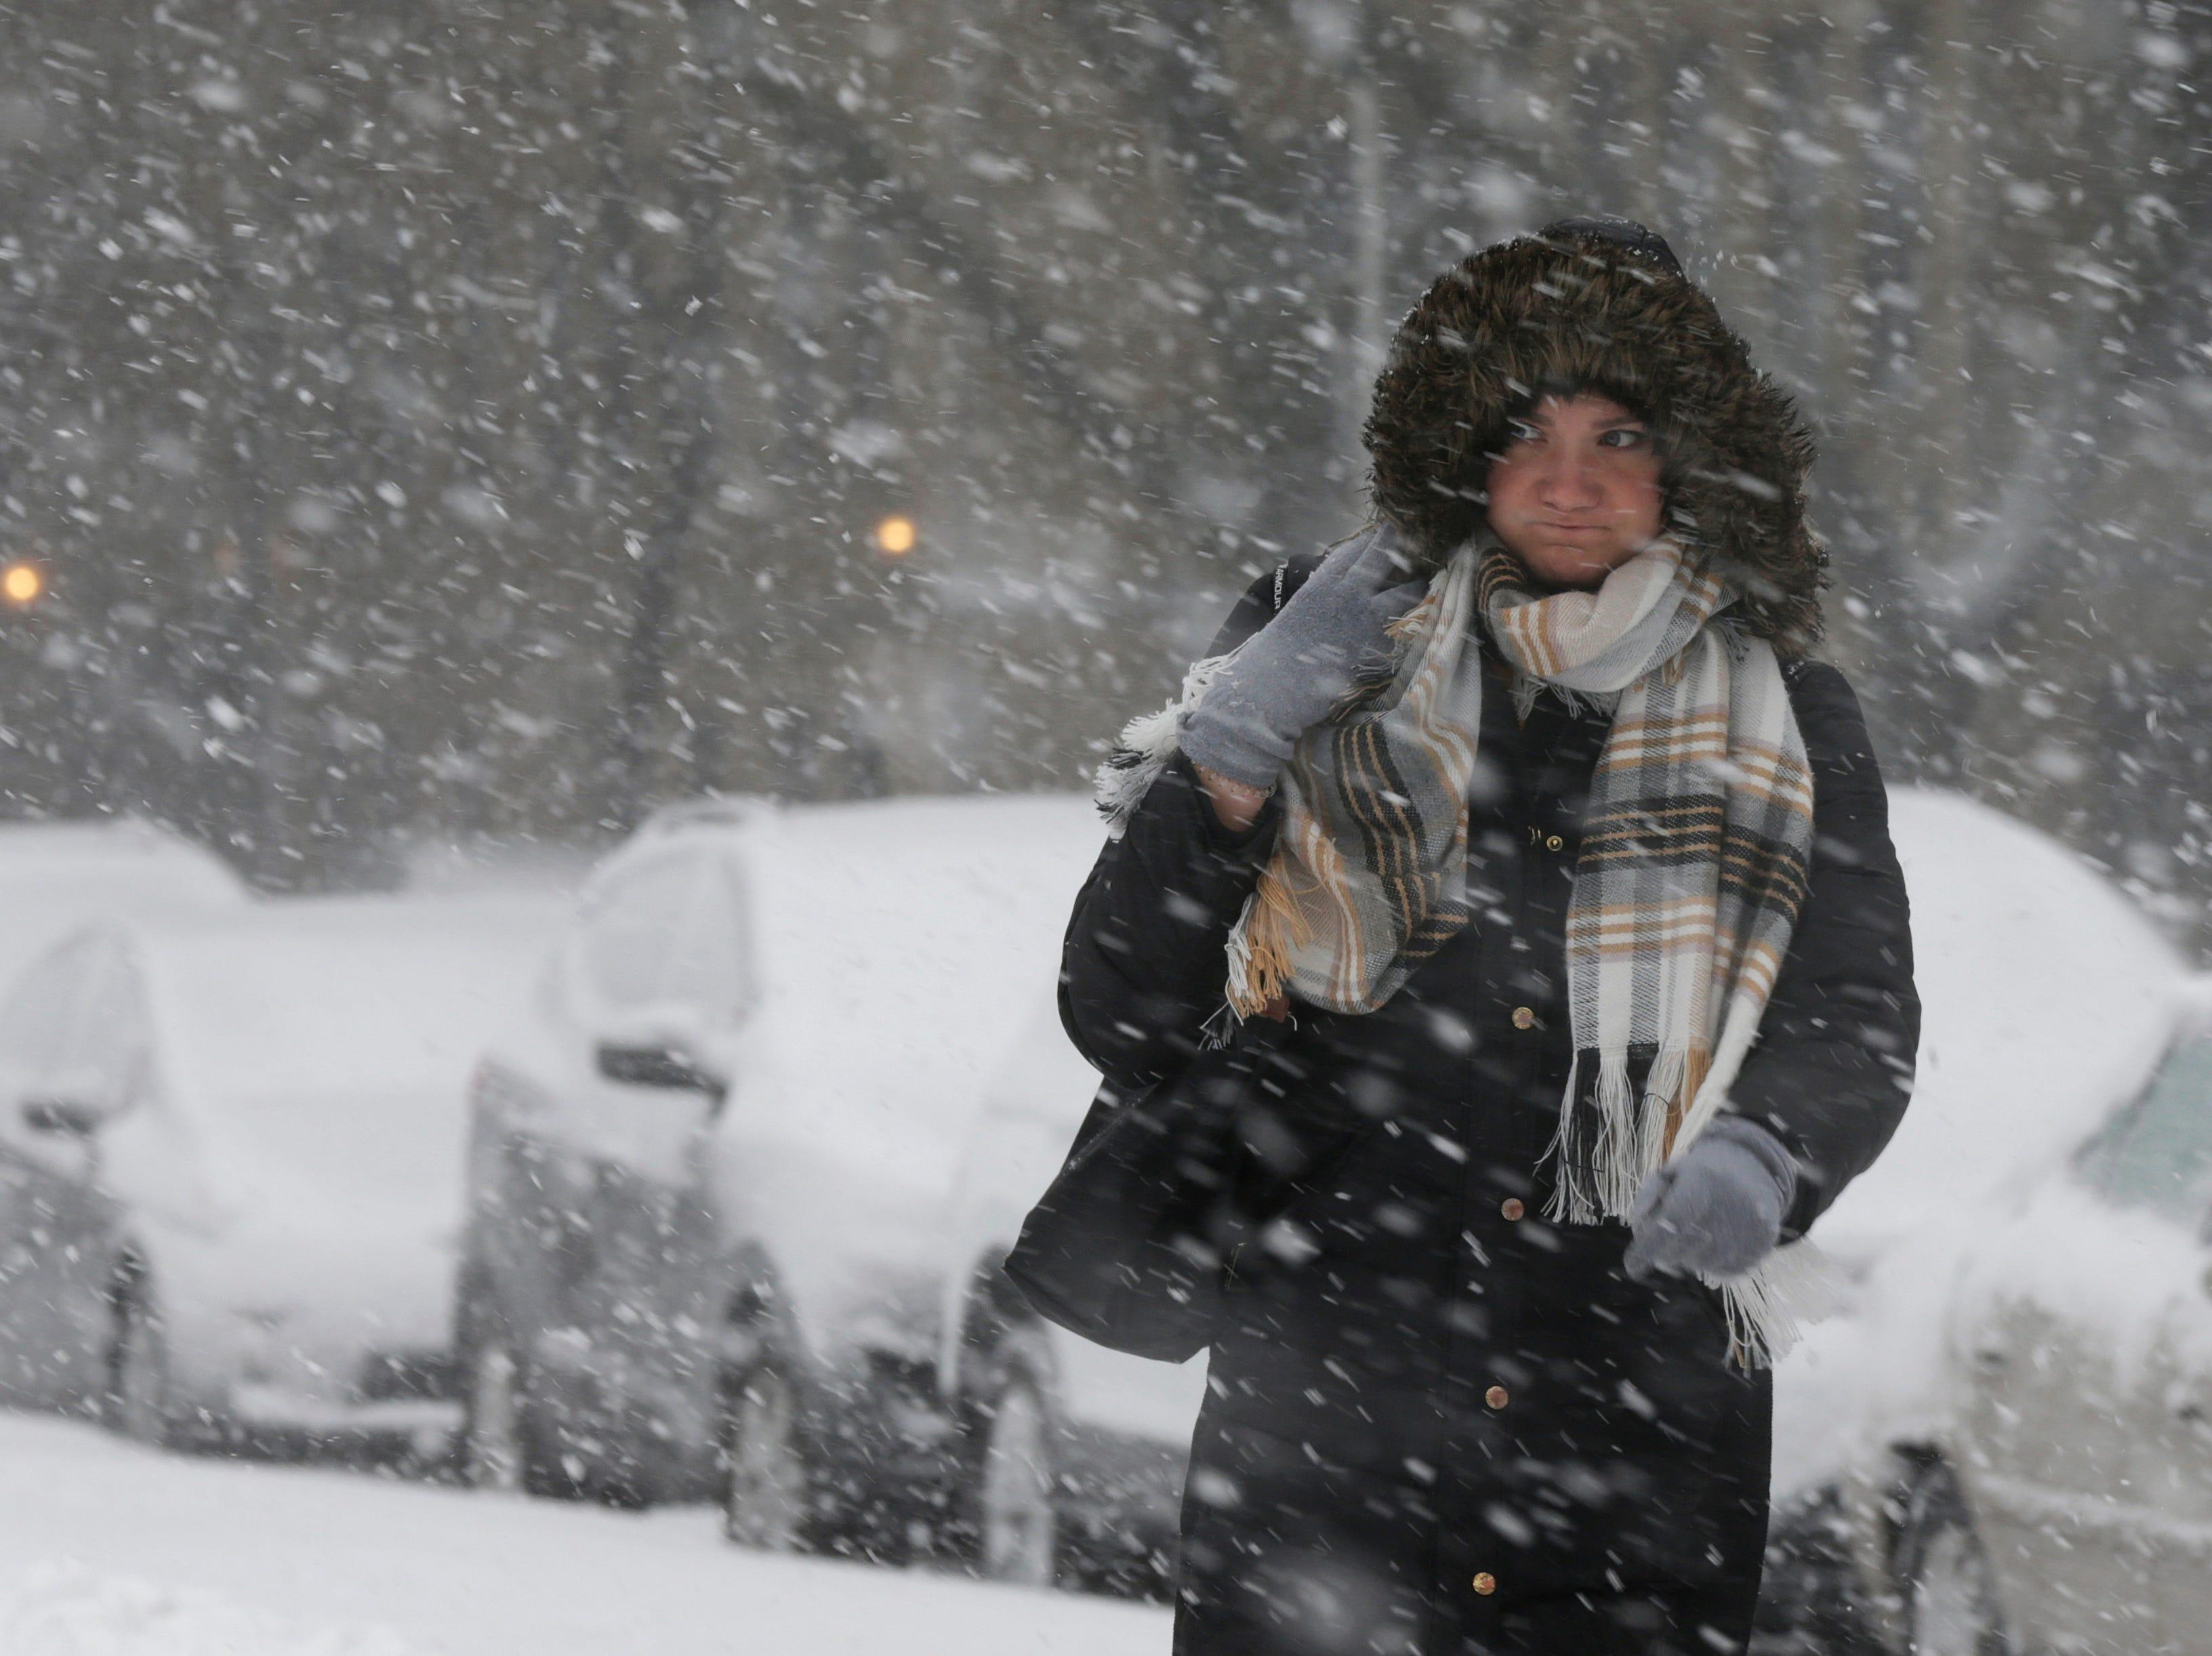 Una persona camina hacia una parada de autobús mientras cae la nieve, el lunes 26 de noviembre de 2018, en Chicago. Una tempestad invernal trajo condiciones de tormenta de nieve a partes del Medio Oeste el lunes temprano, aterrizando cientos de vuelos y causando un caos en el tráfico mientras los viajeros regresaban al trabajo después del fin de semana de Acción de Gracias.